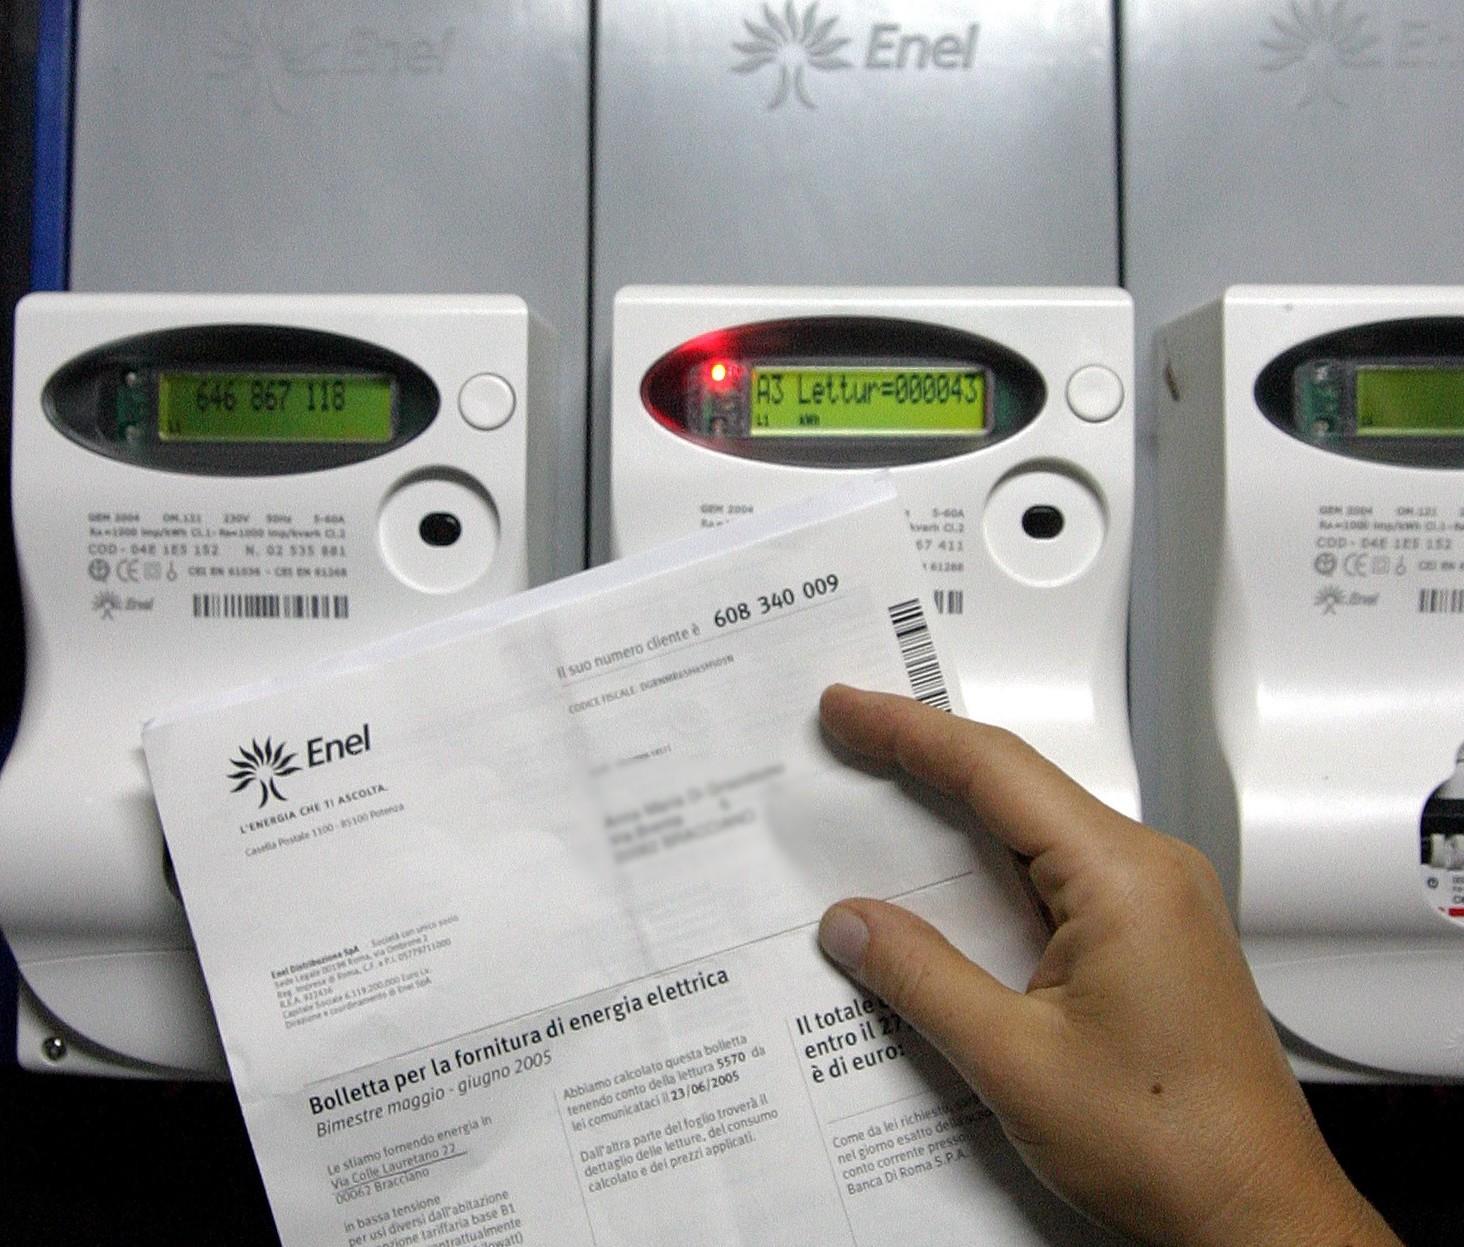 Bollette non pagate: dopo quanto staccano luce e gas